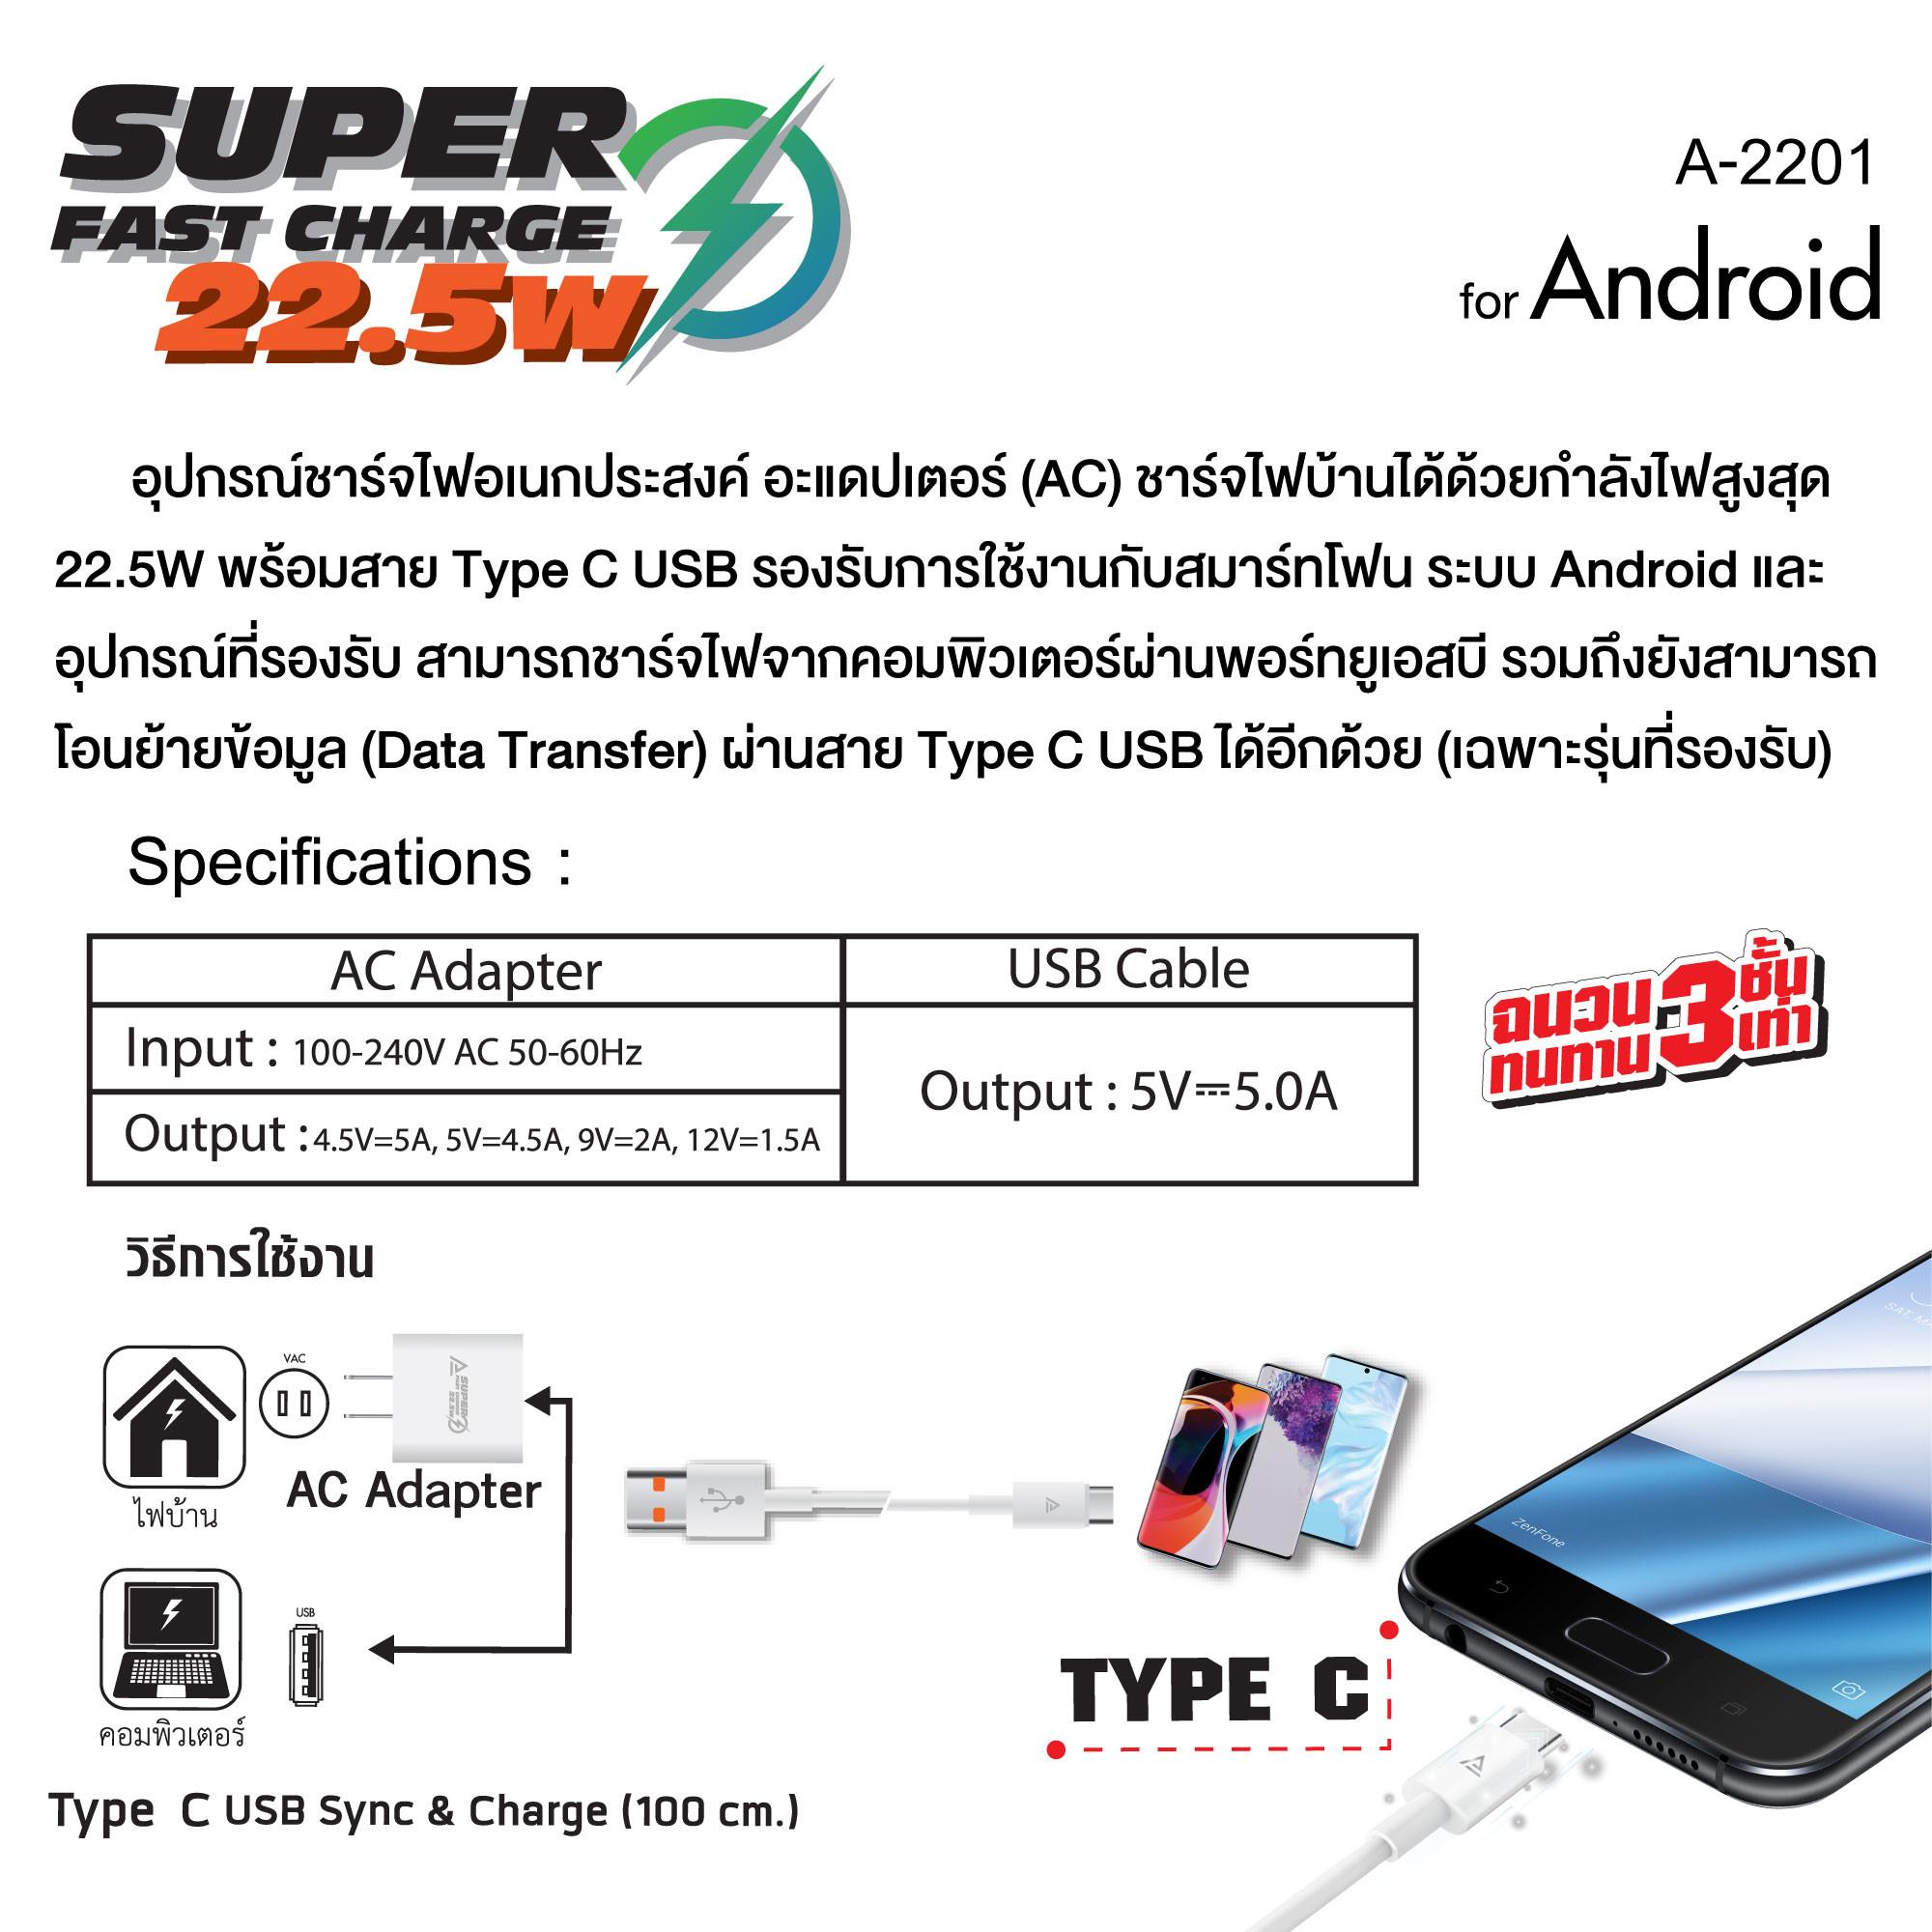 spec1-a2201.jpg